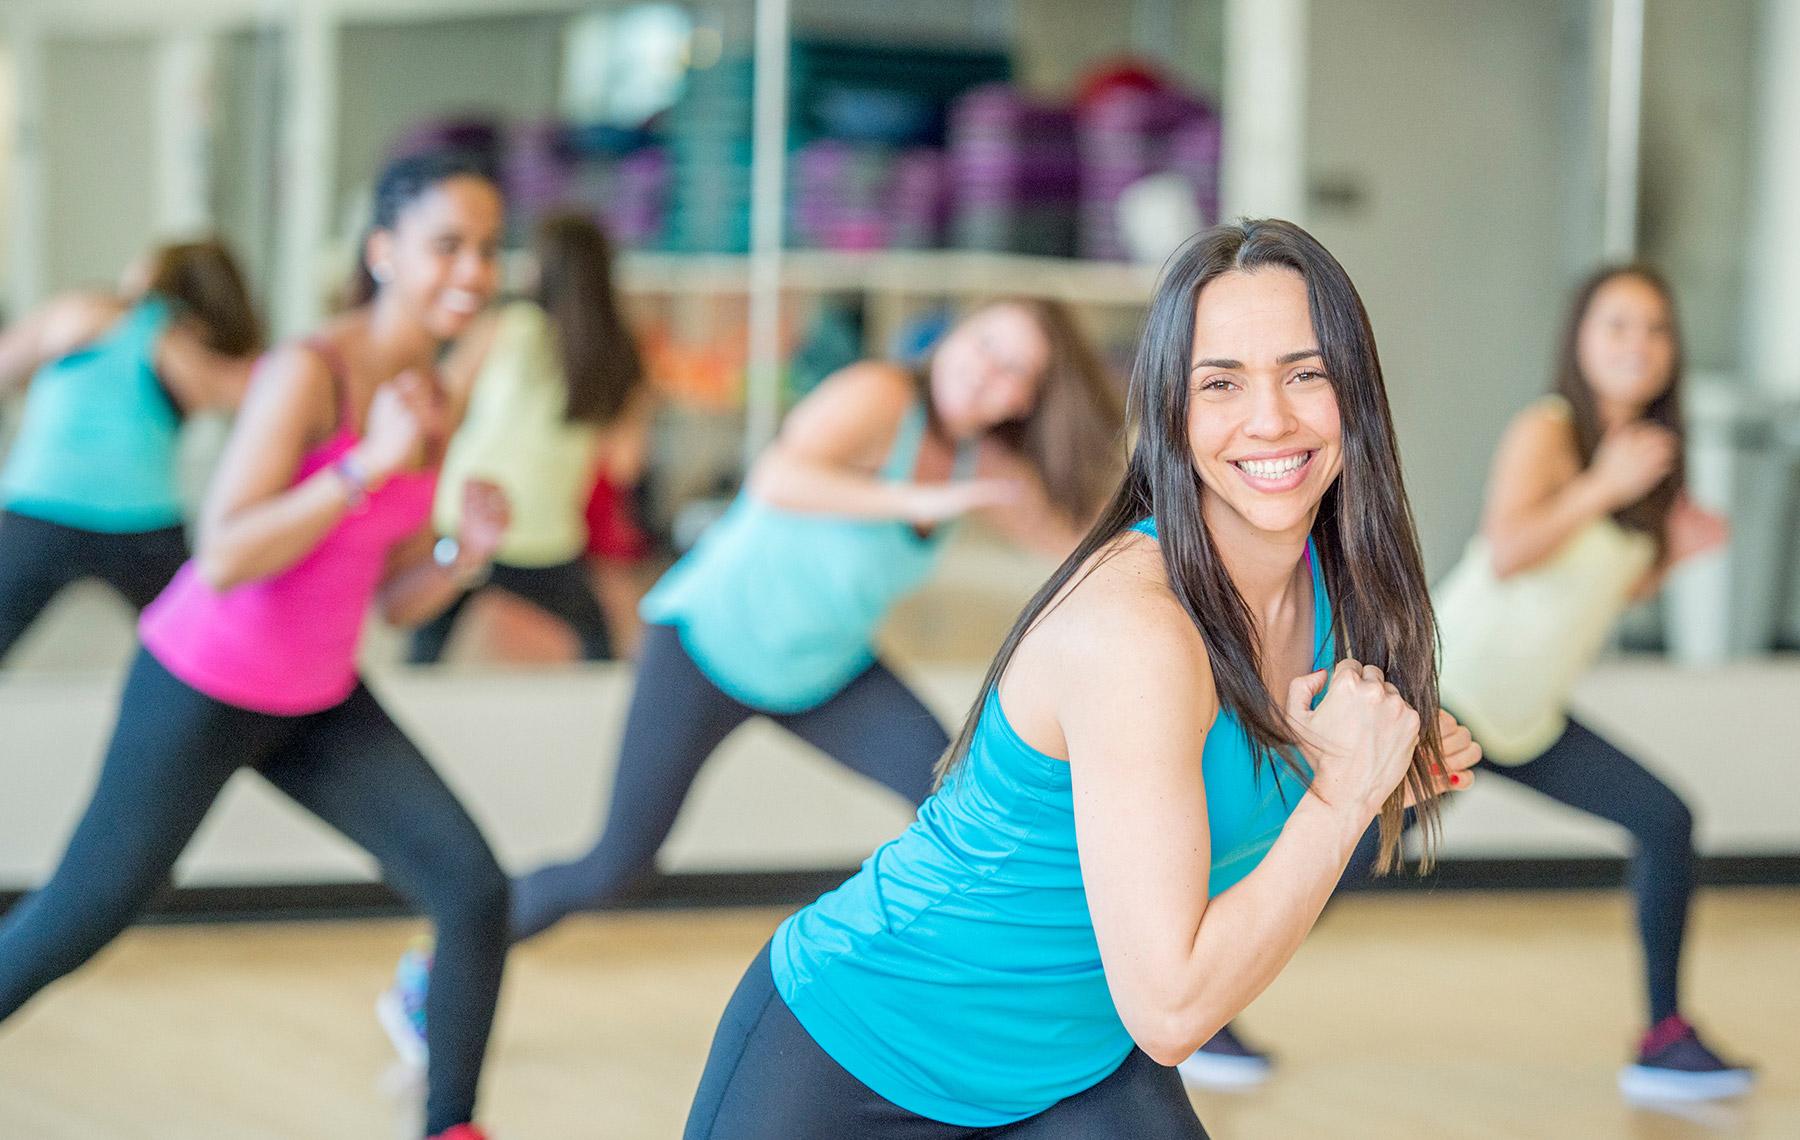 Women cardio-dancing